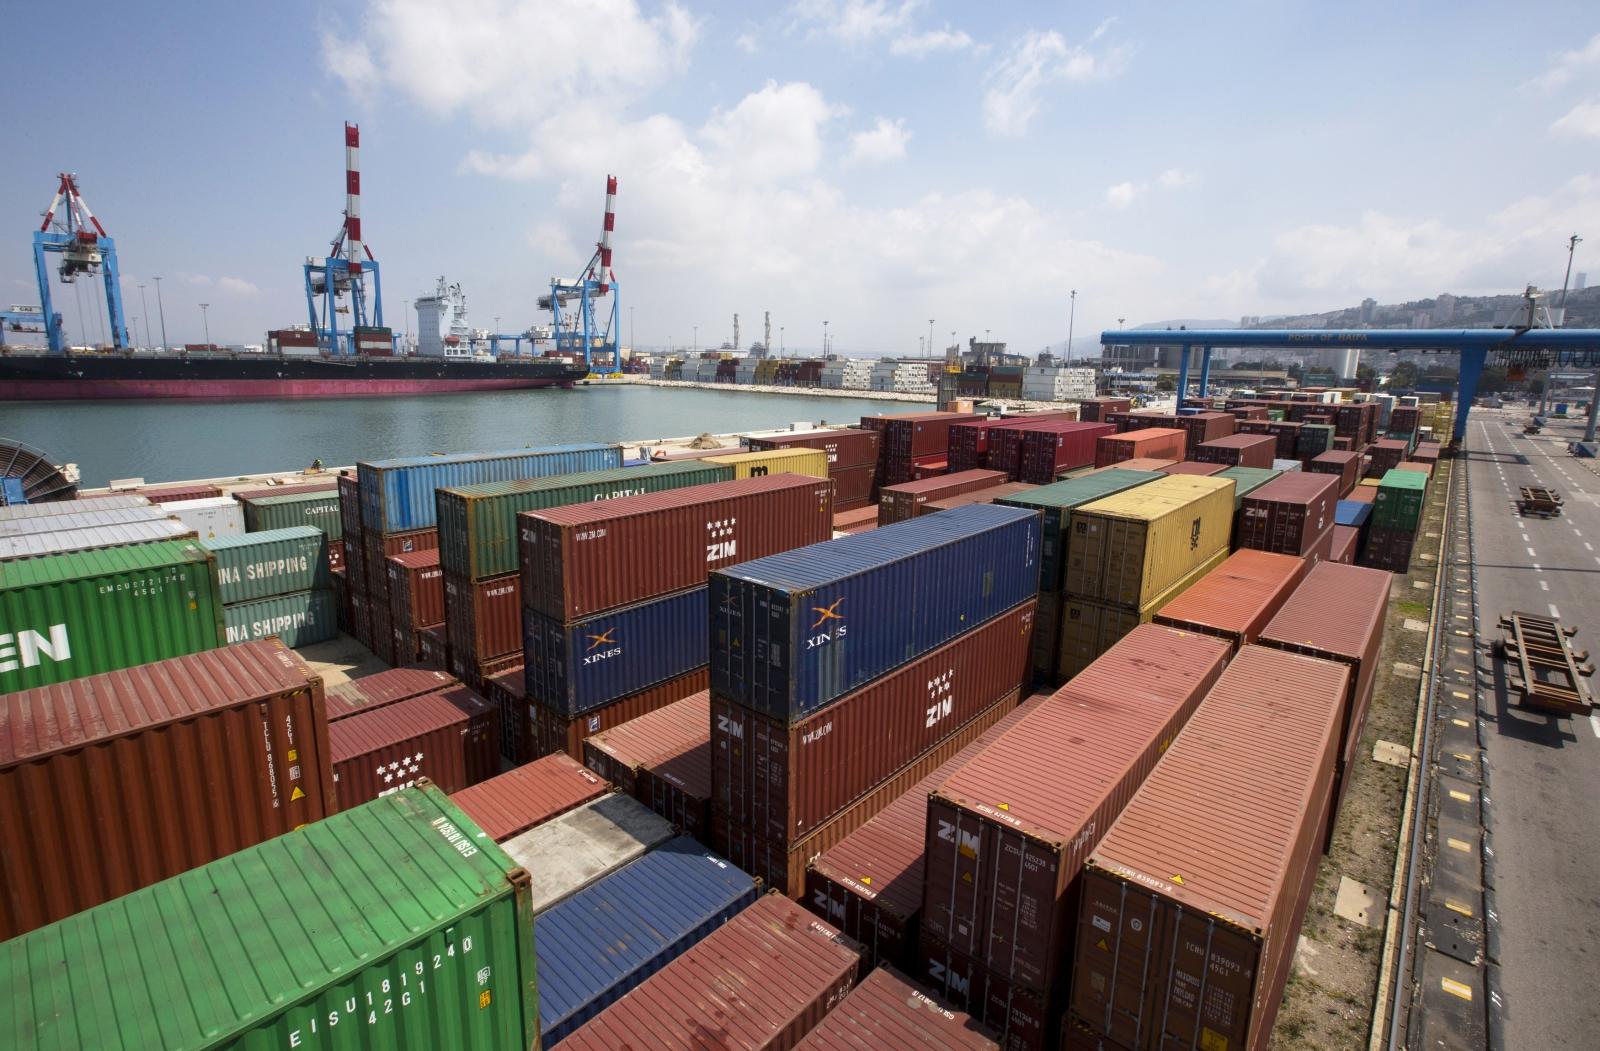 Israel port Haifa